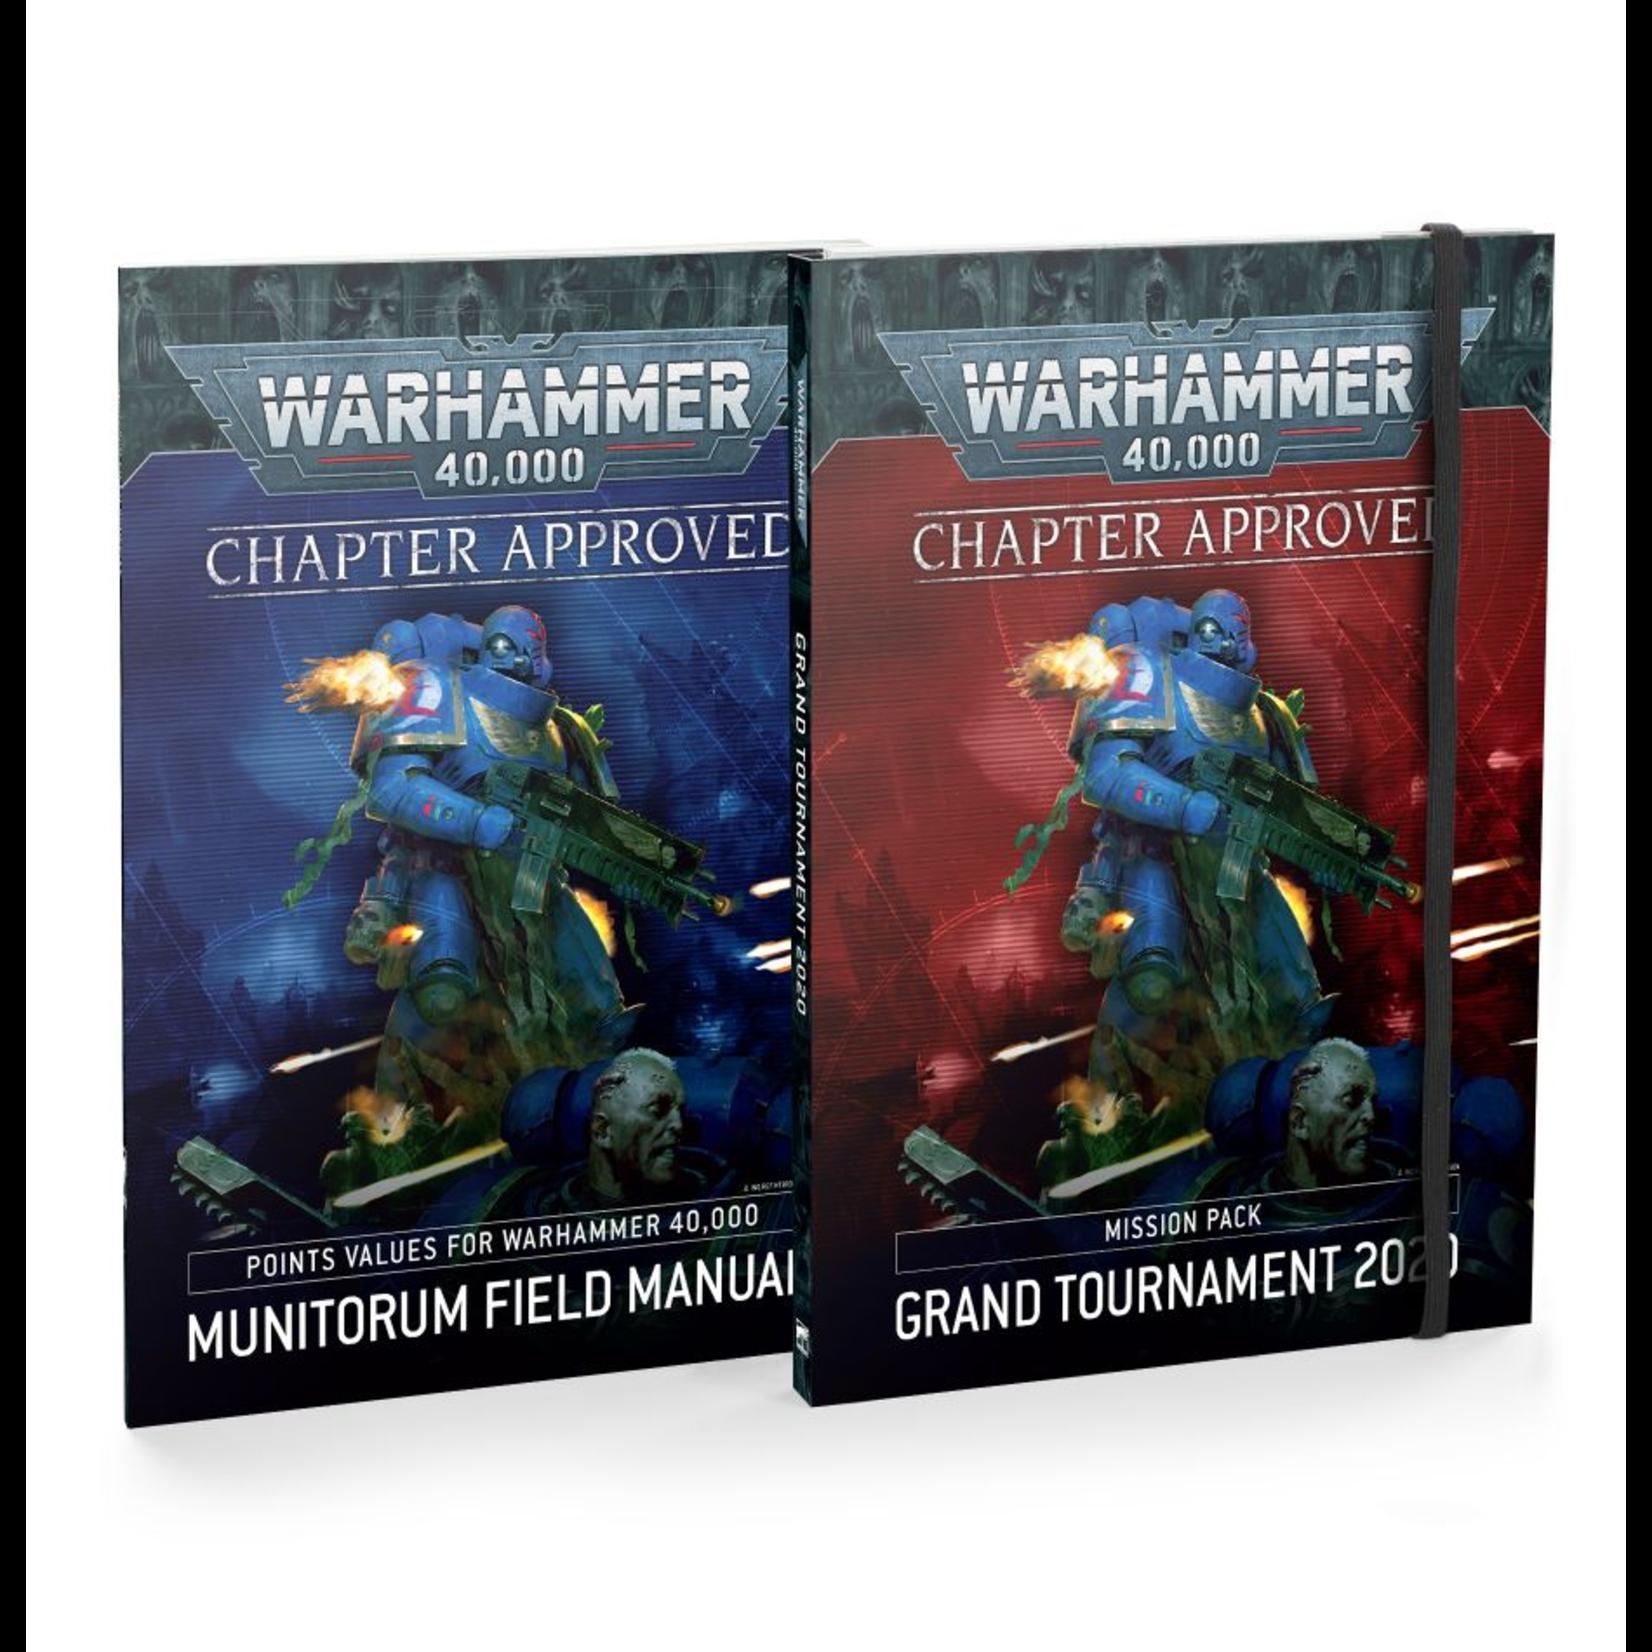 Games Workshop Warhammer 40k: Chapter Approved 2020